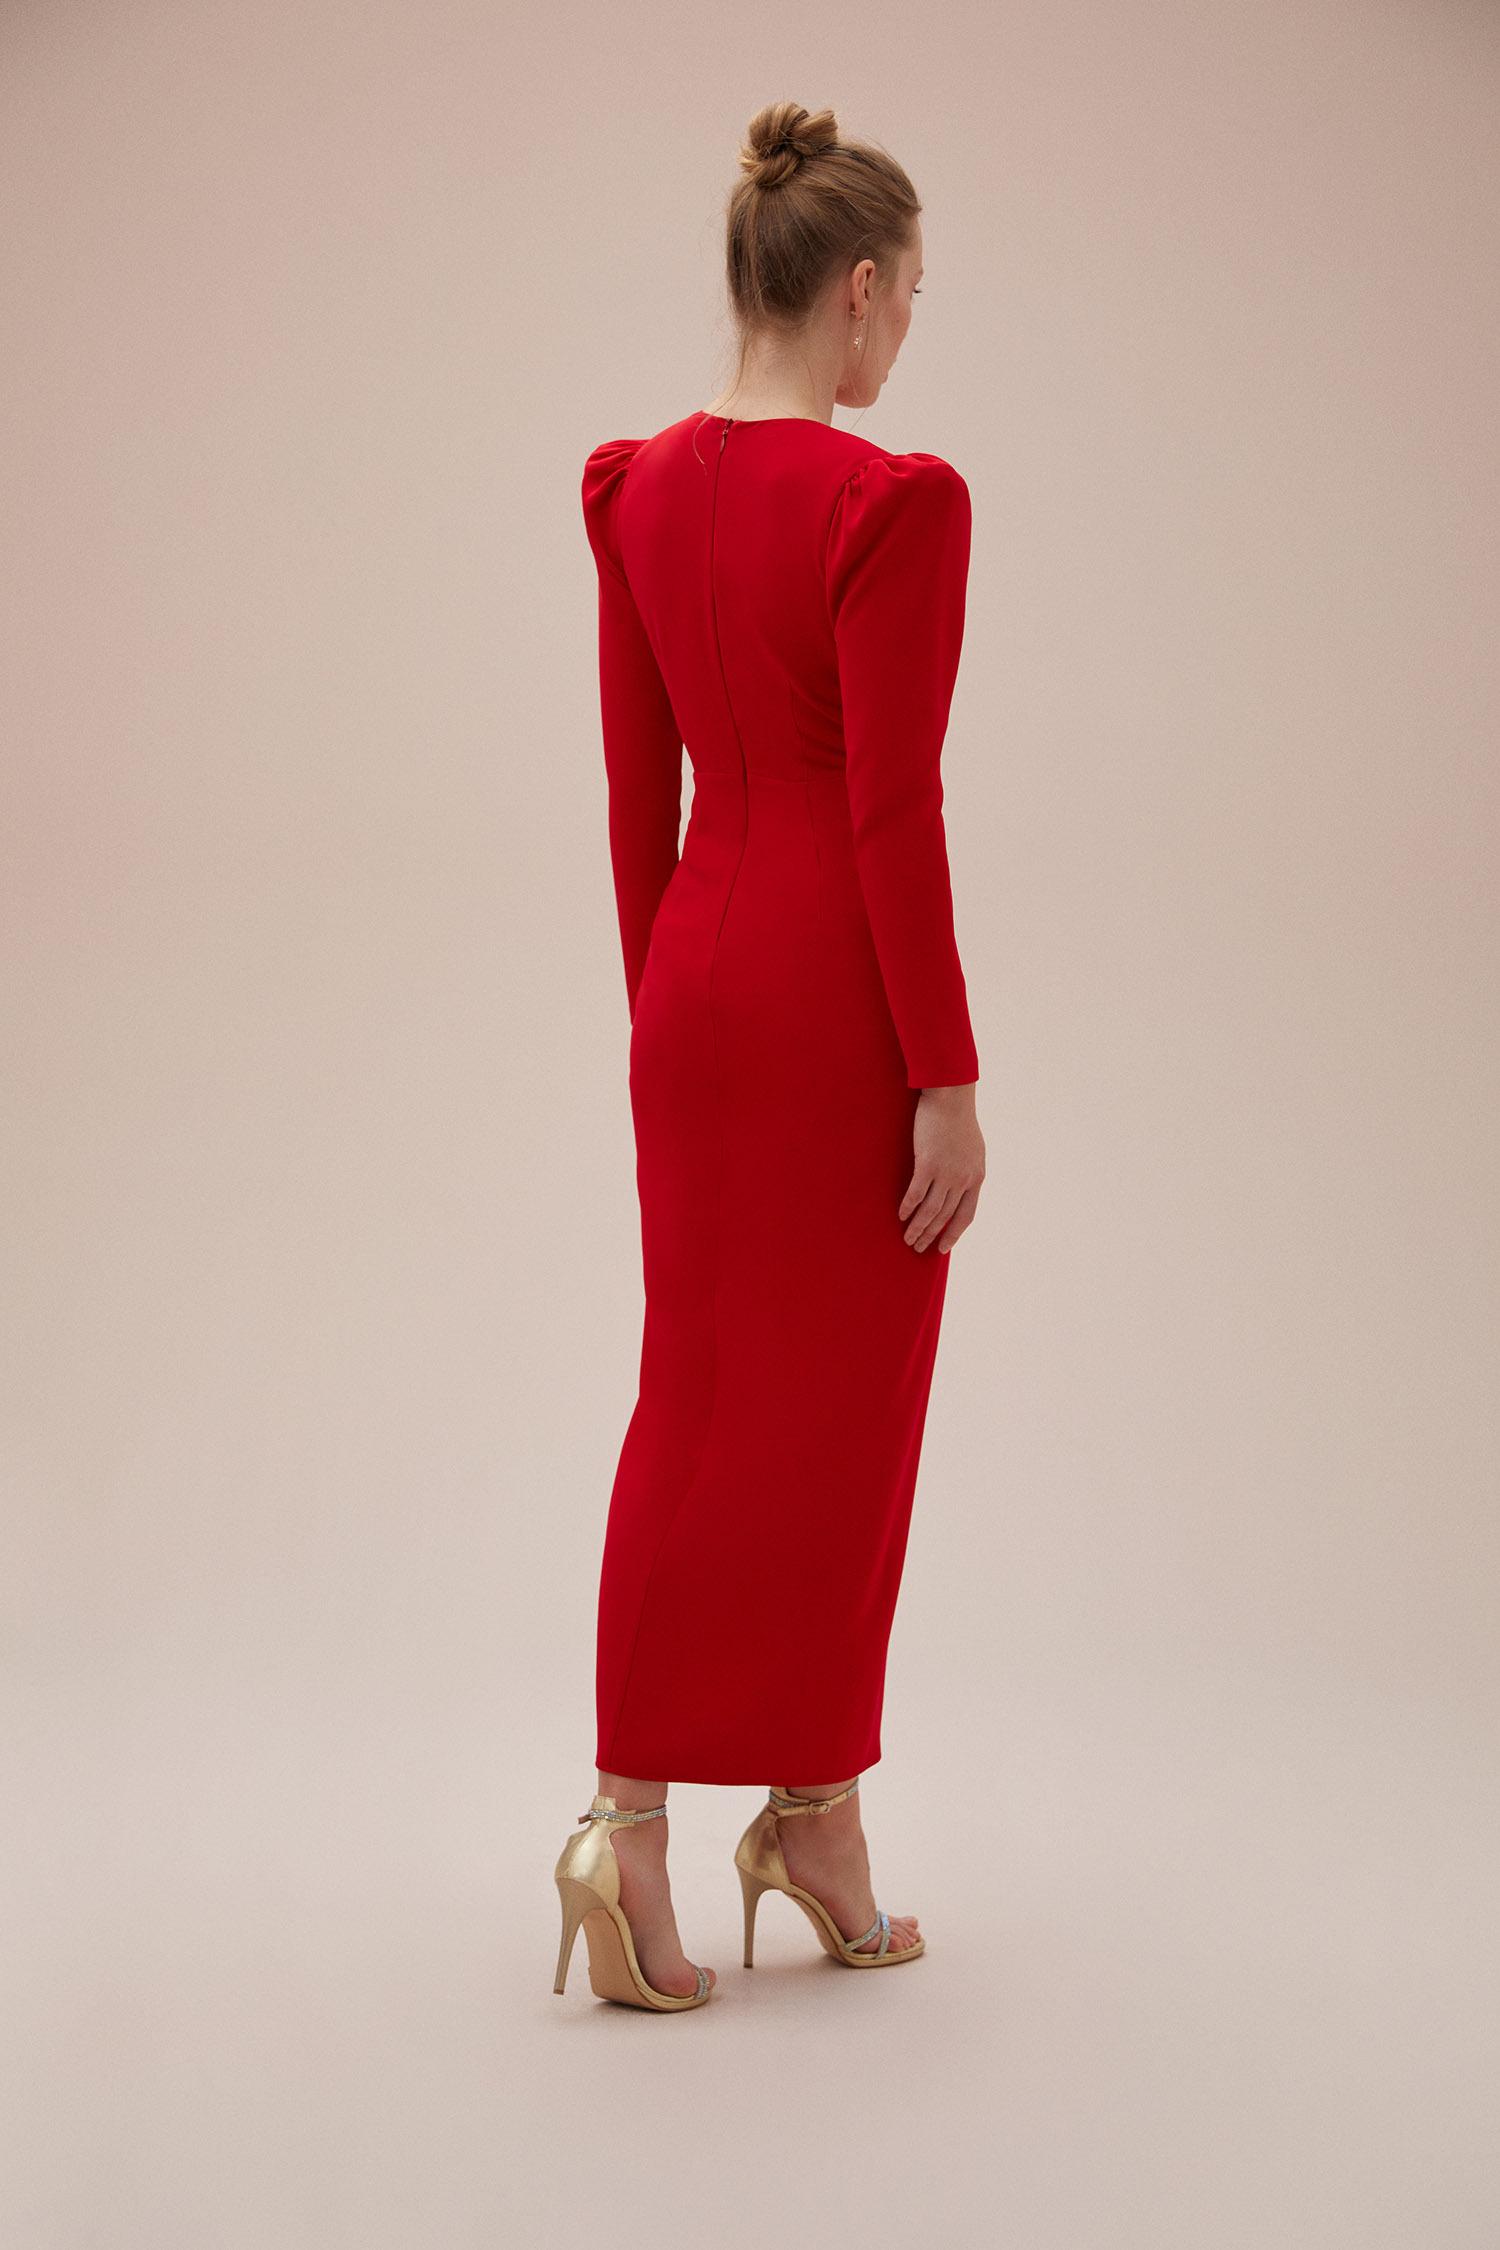 Kırmızı Uzun Kollu Yırtmaçlı Midi Boy Jarse Elbise - Thumbnail